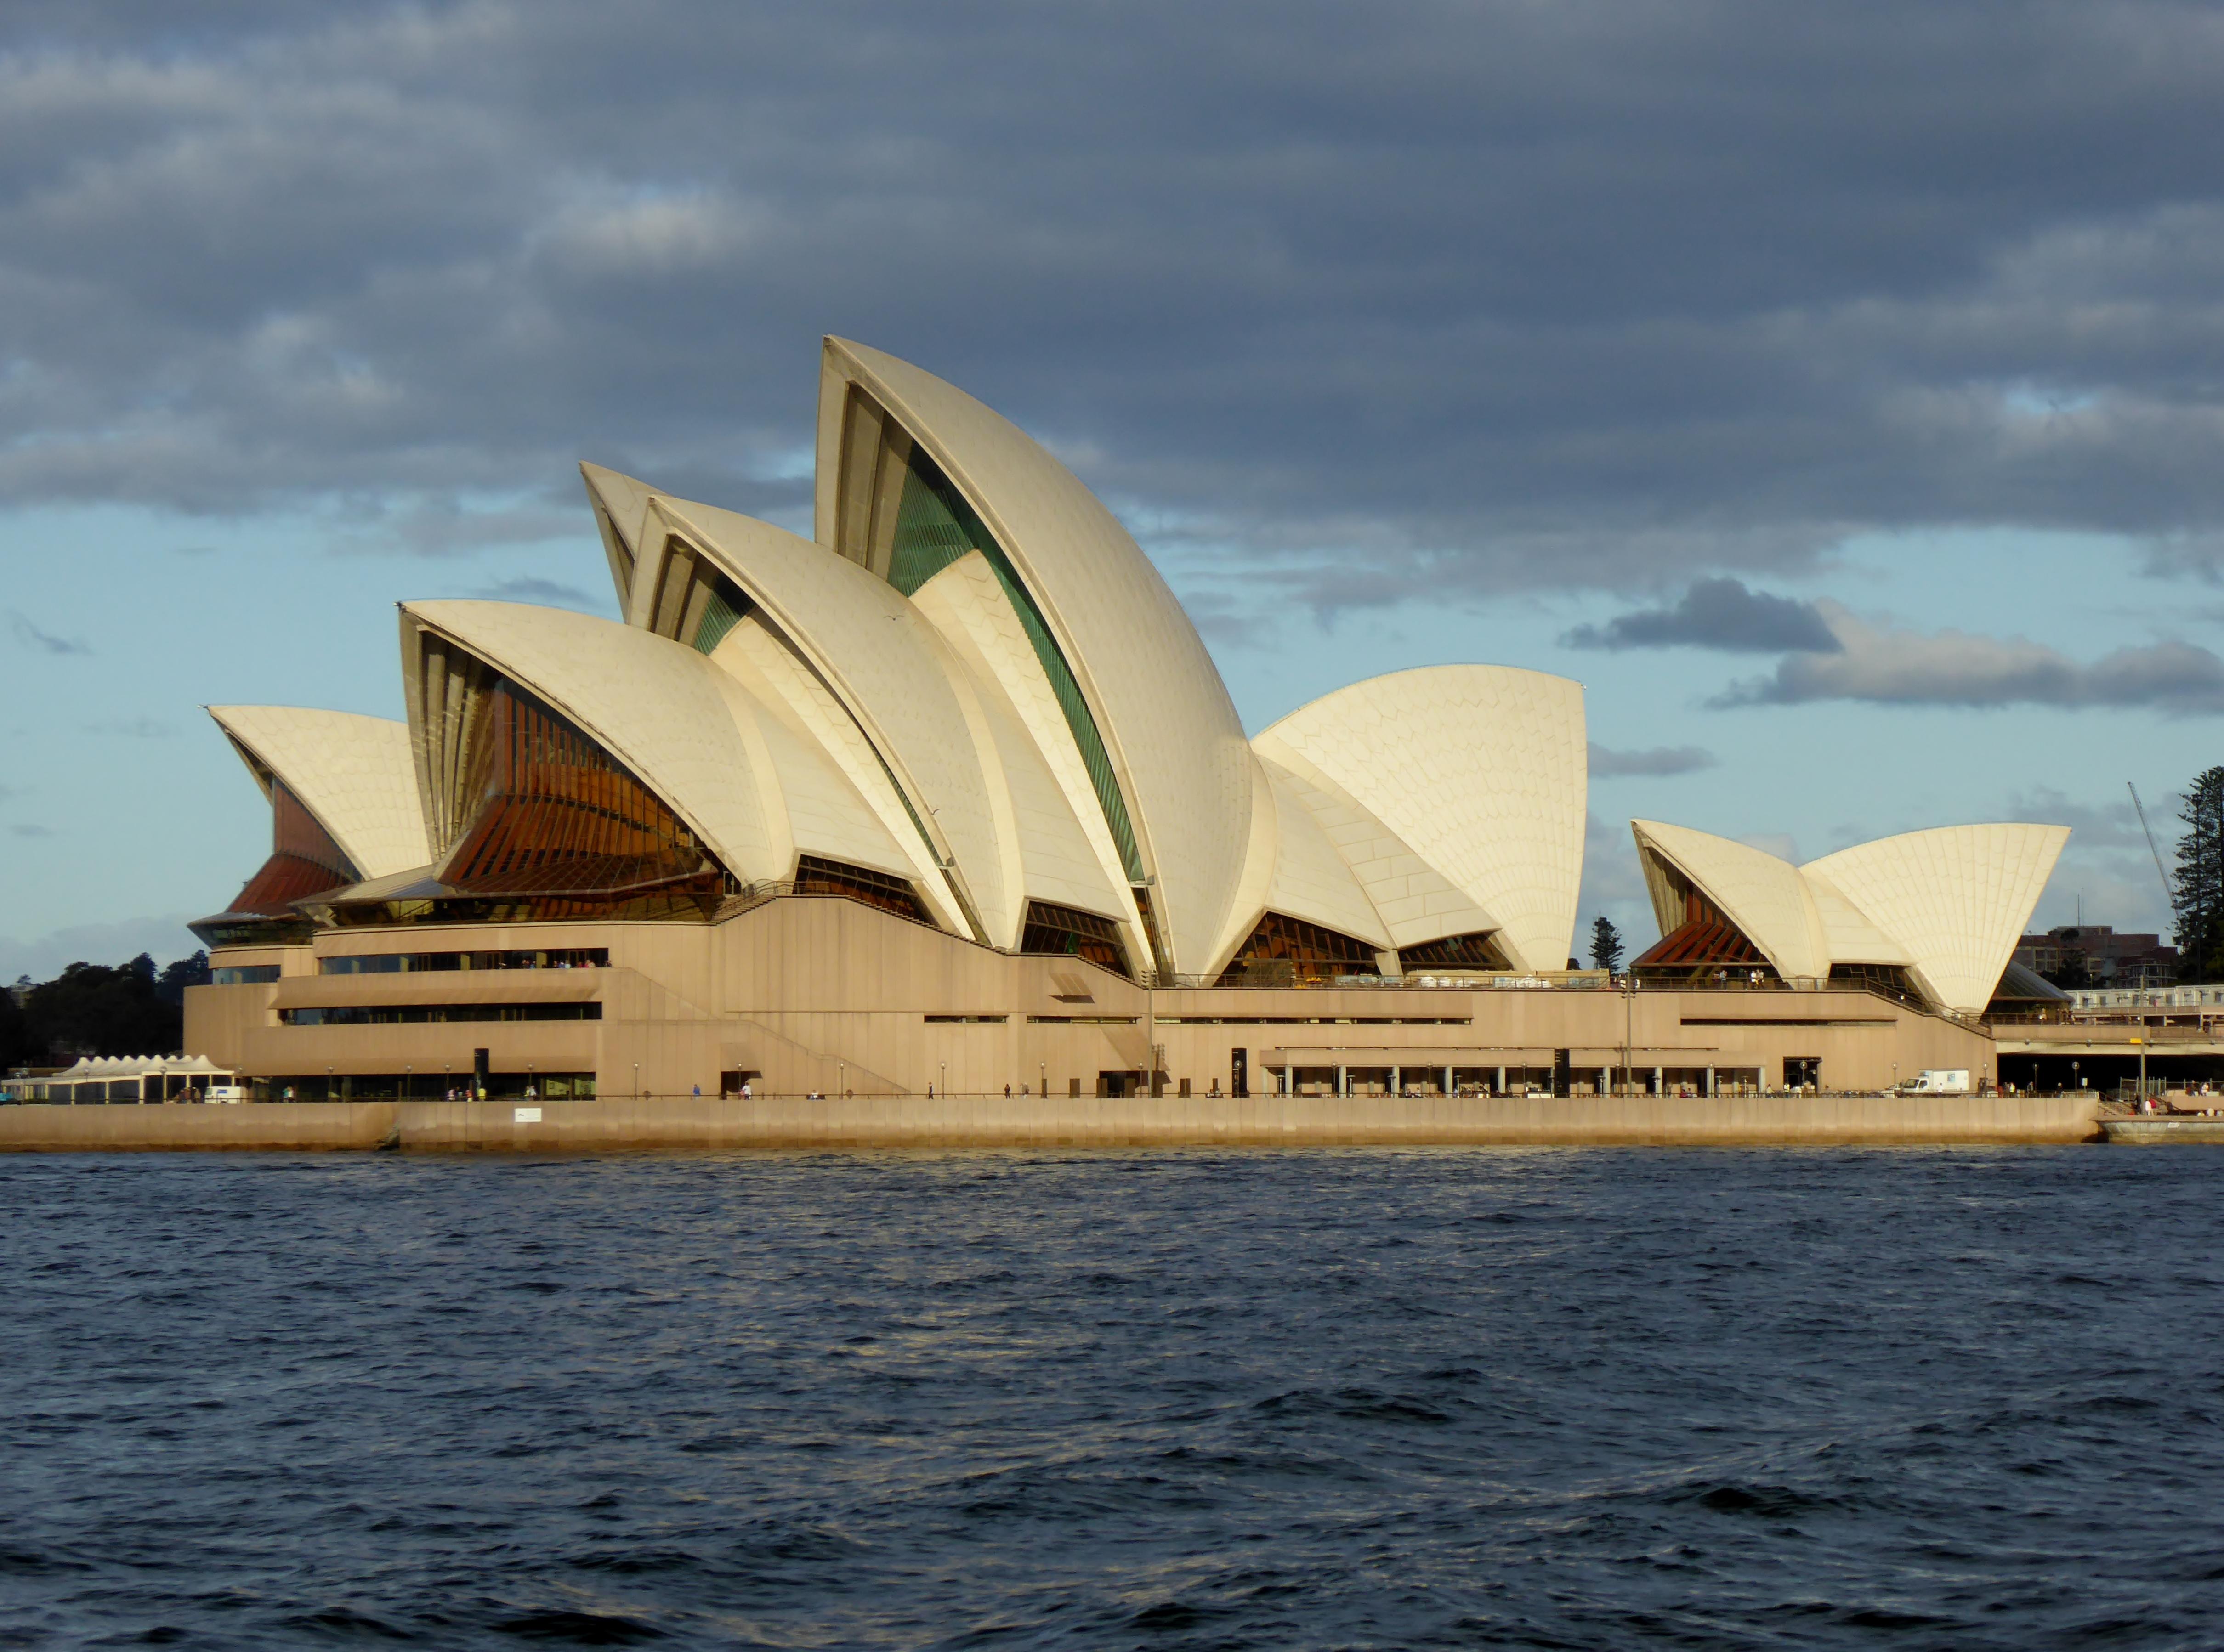 Cruising – Sydney Harbour